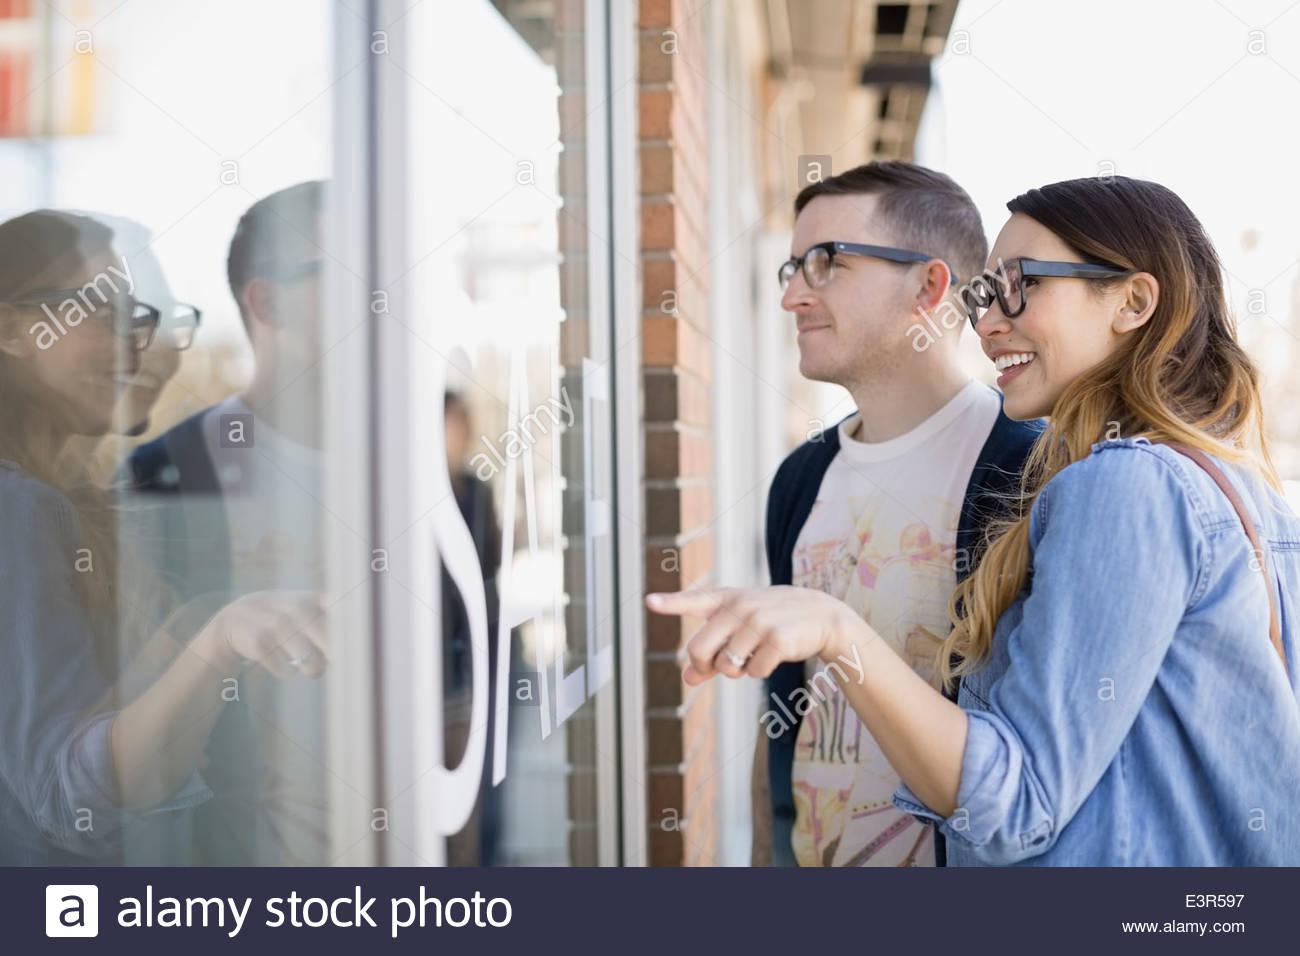 Hipster paar Schaufensterbummel am Schaufenster Stockbild